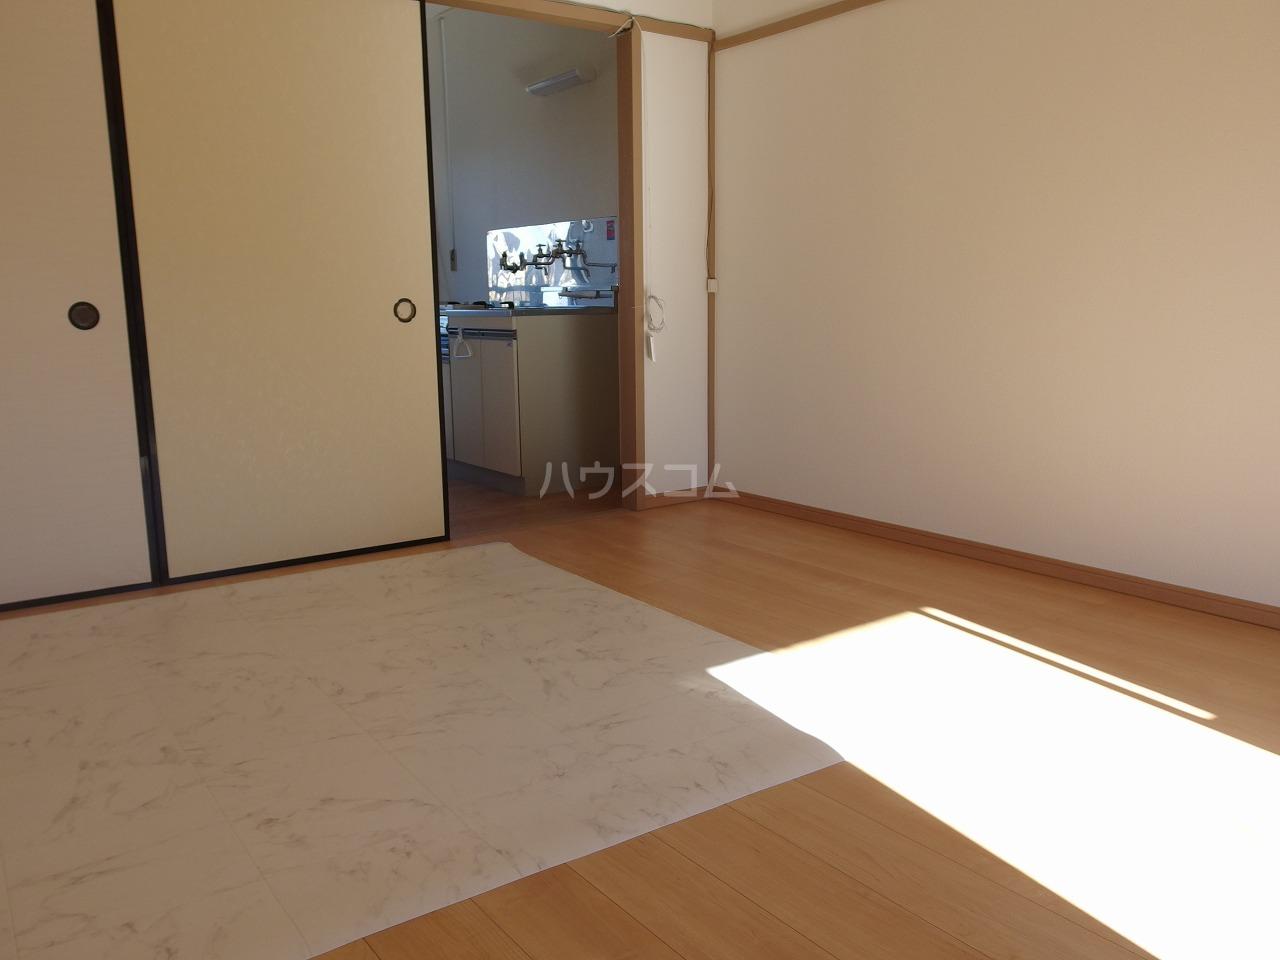 Villa松原 202号室の居室